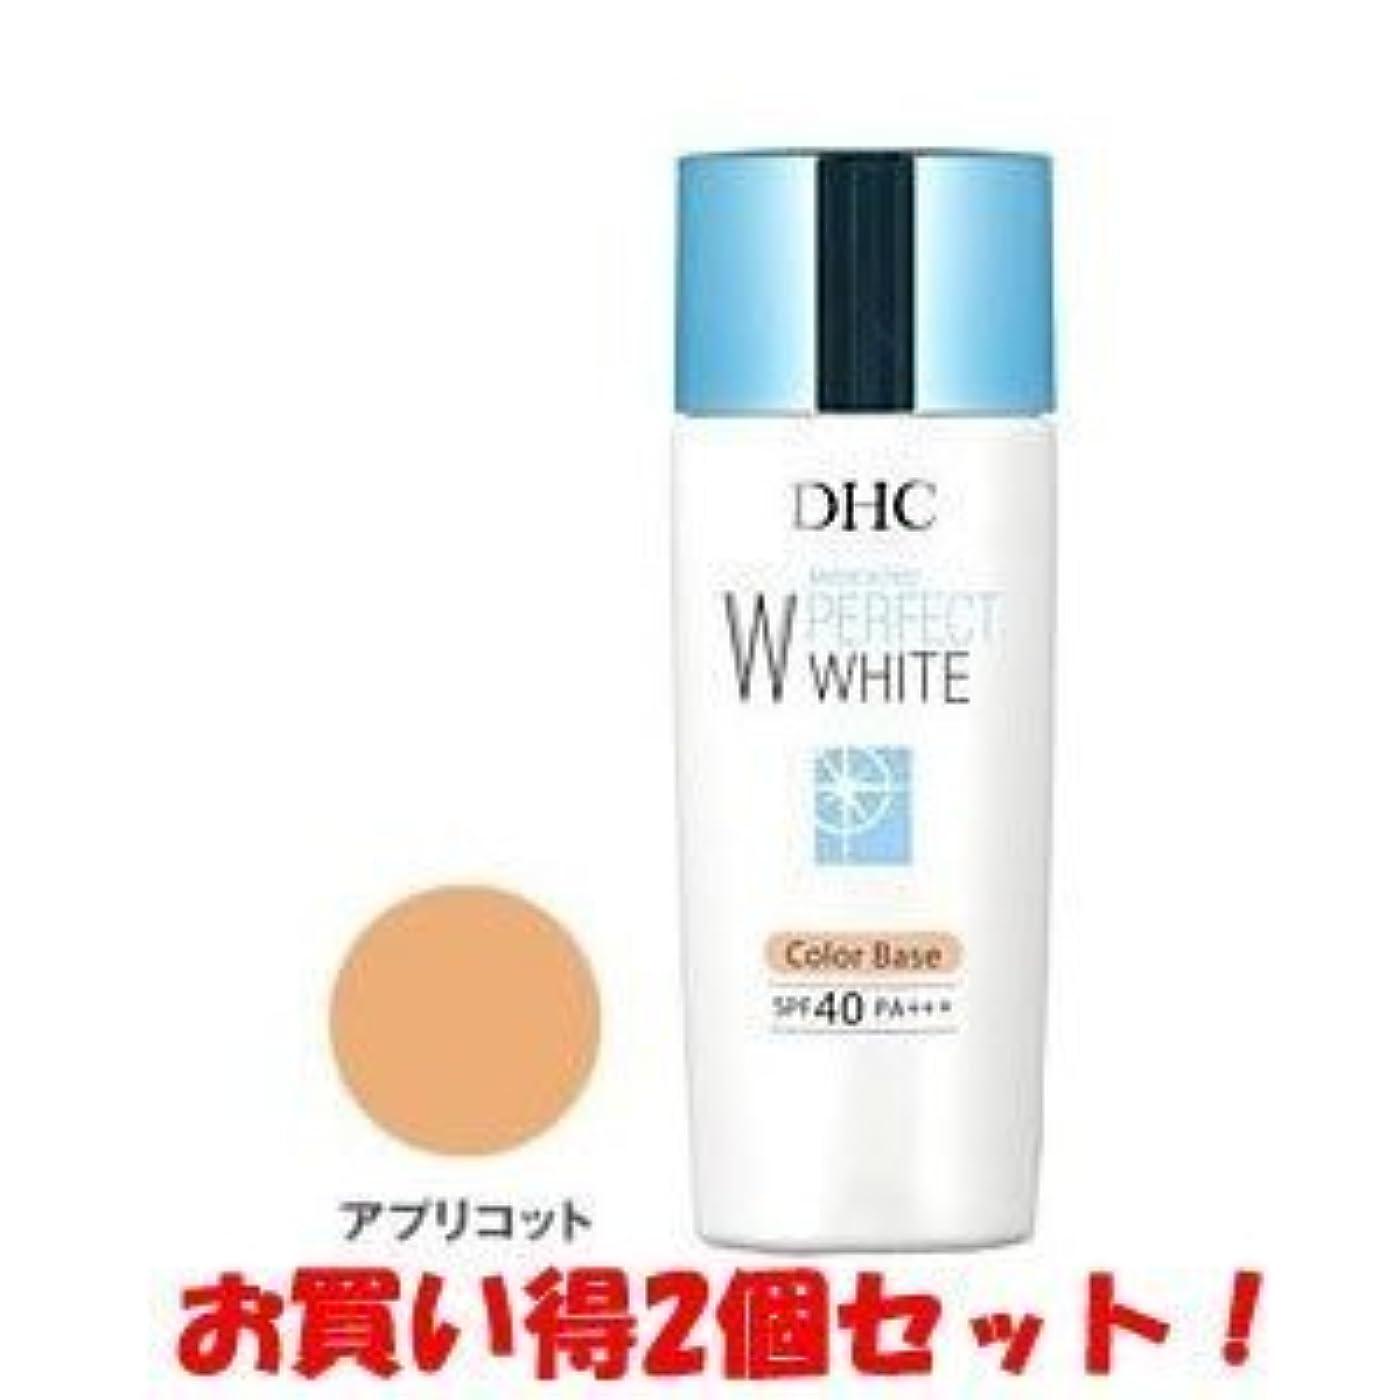 褐色連続したジェットDHC 薬用パーフェクトホワイト カラーベース アプリコット 30g(医薬部外品)(お買い得2個セット)